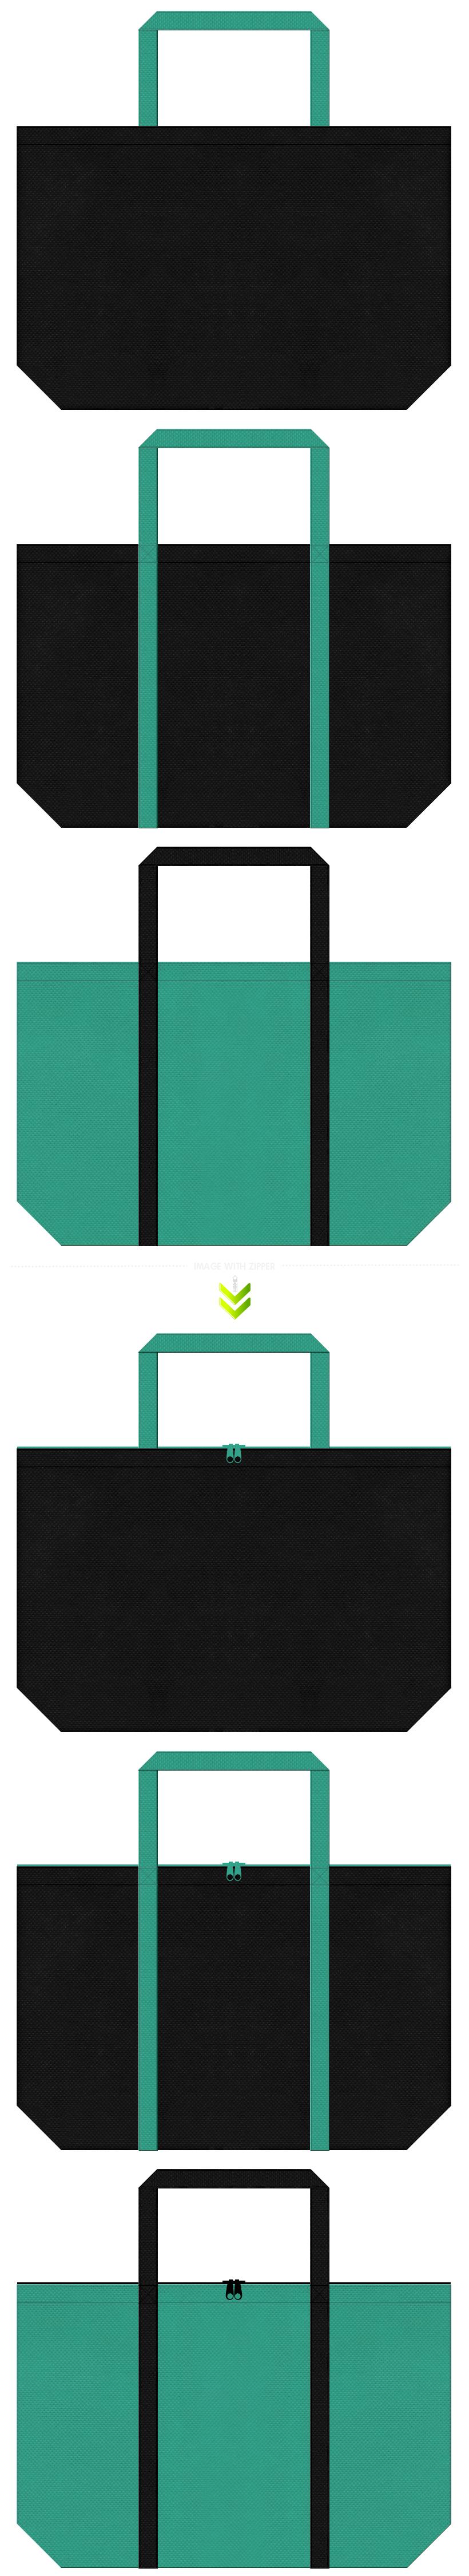 カー用品の展示会用バッグ・ウィッグ・コスプレイベント・ユニフォーム・運動靴・アウトドアイベント・スポーツバッグ・ランドリーバッグにお奨めの不織布バッグデザイン:黒色と青緑色のコーデ